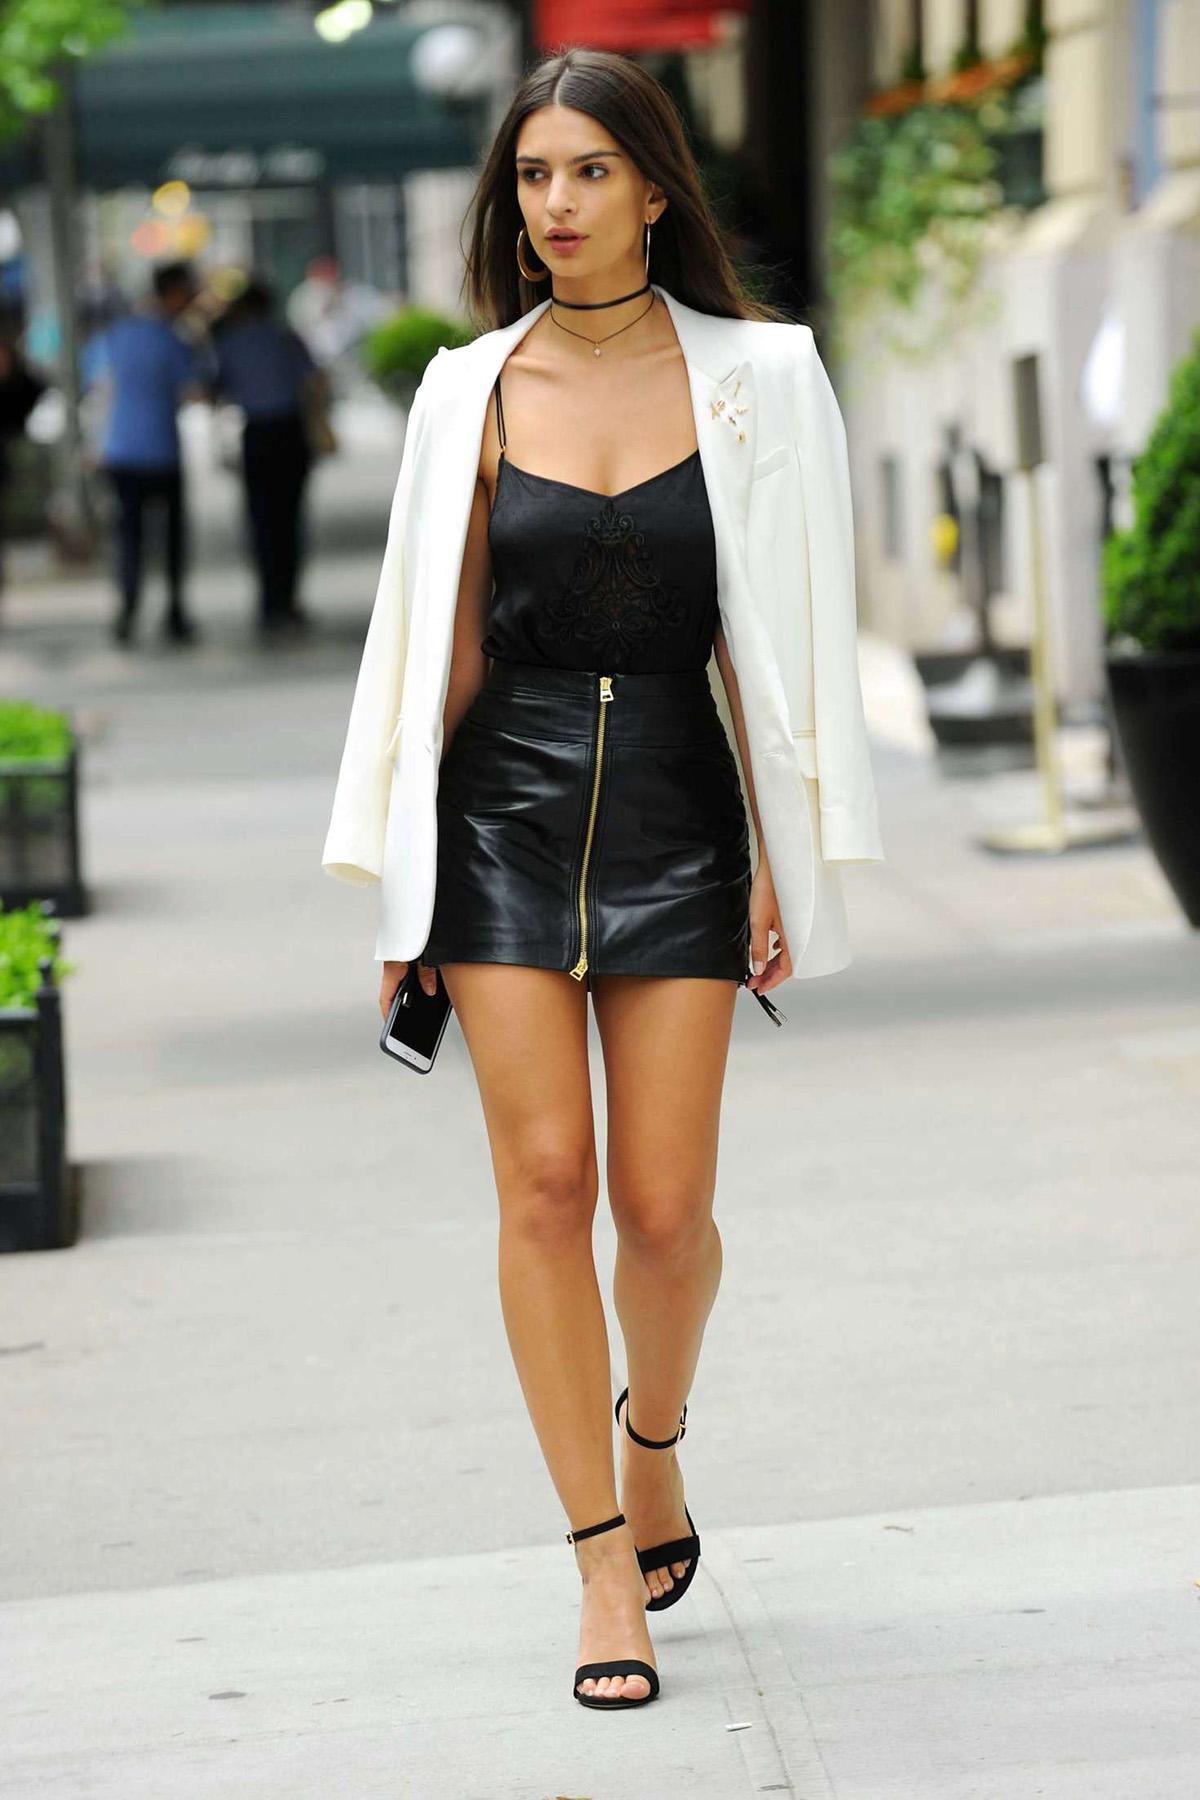 excepcional gama de colores invicto x código promocional 85 Fotos de Faldas de cuero